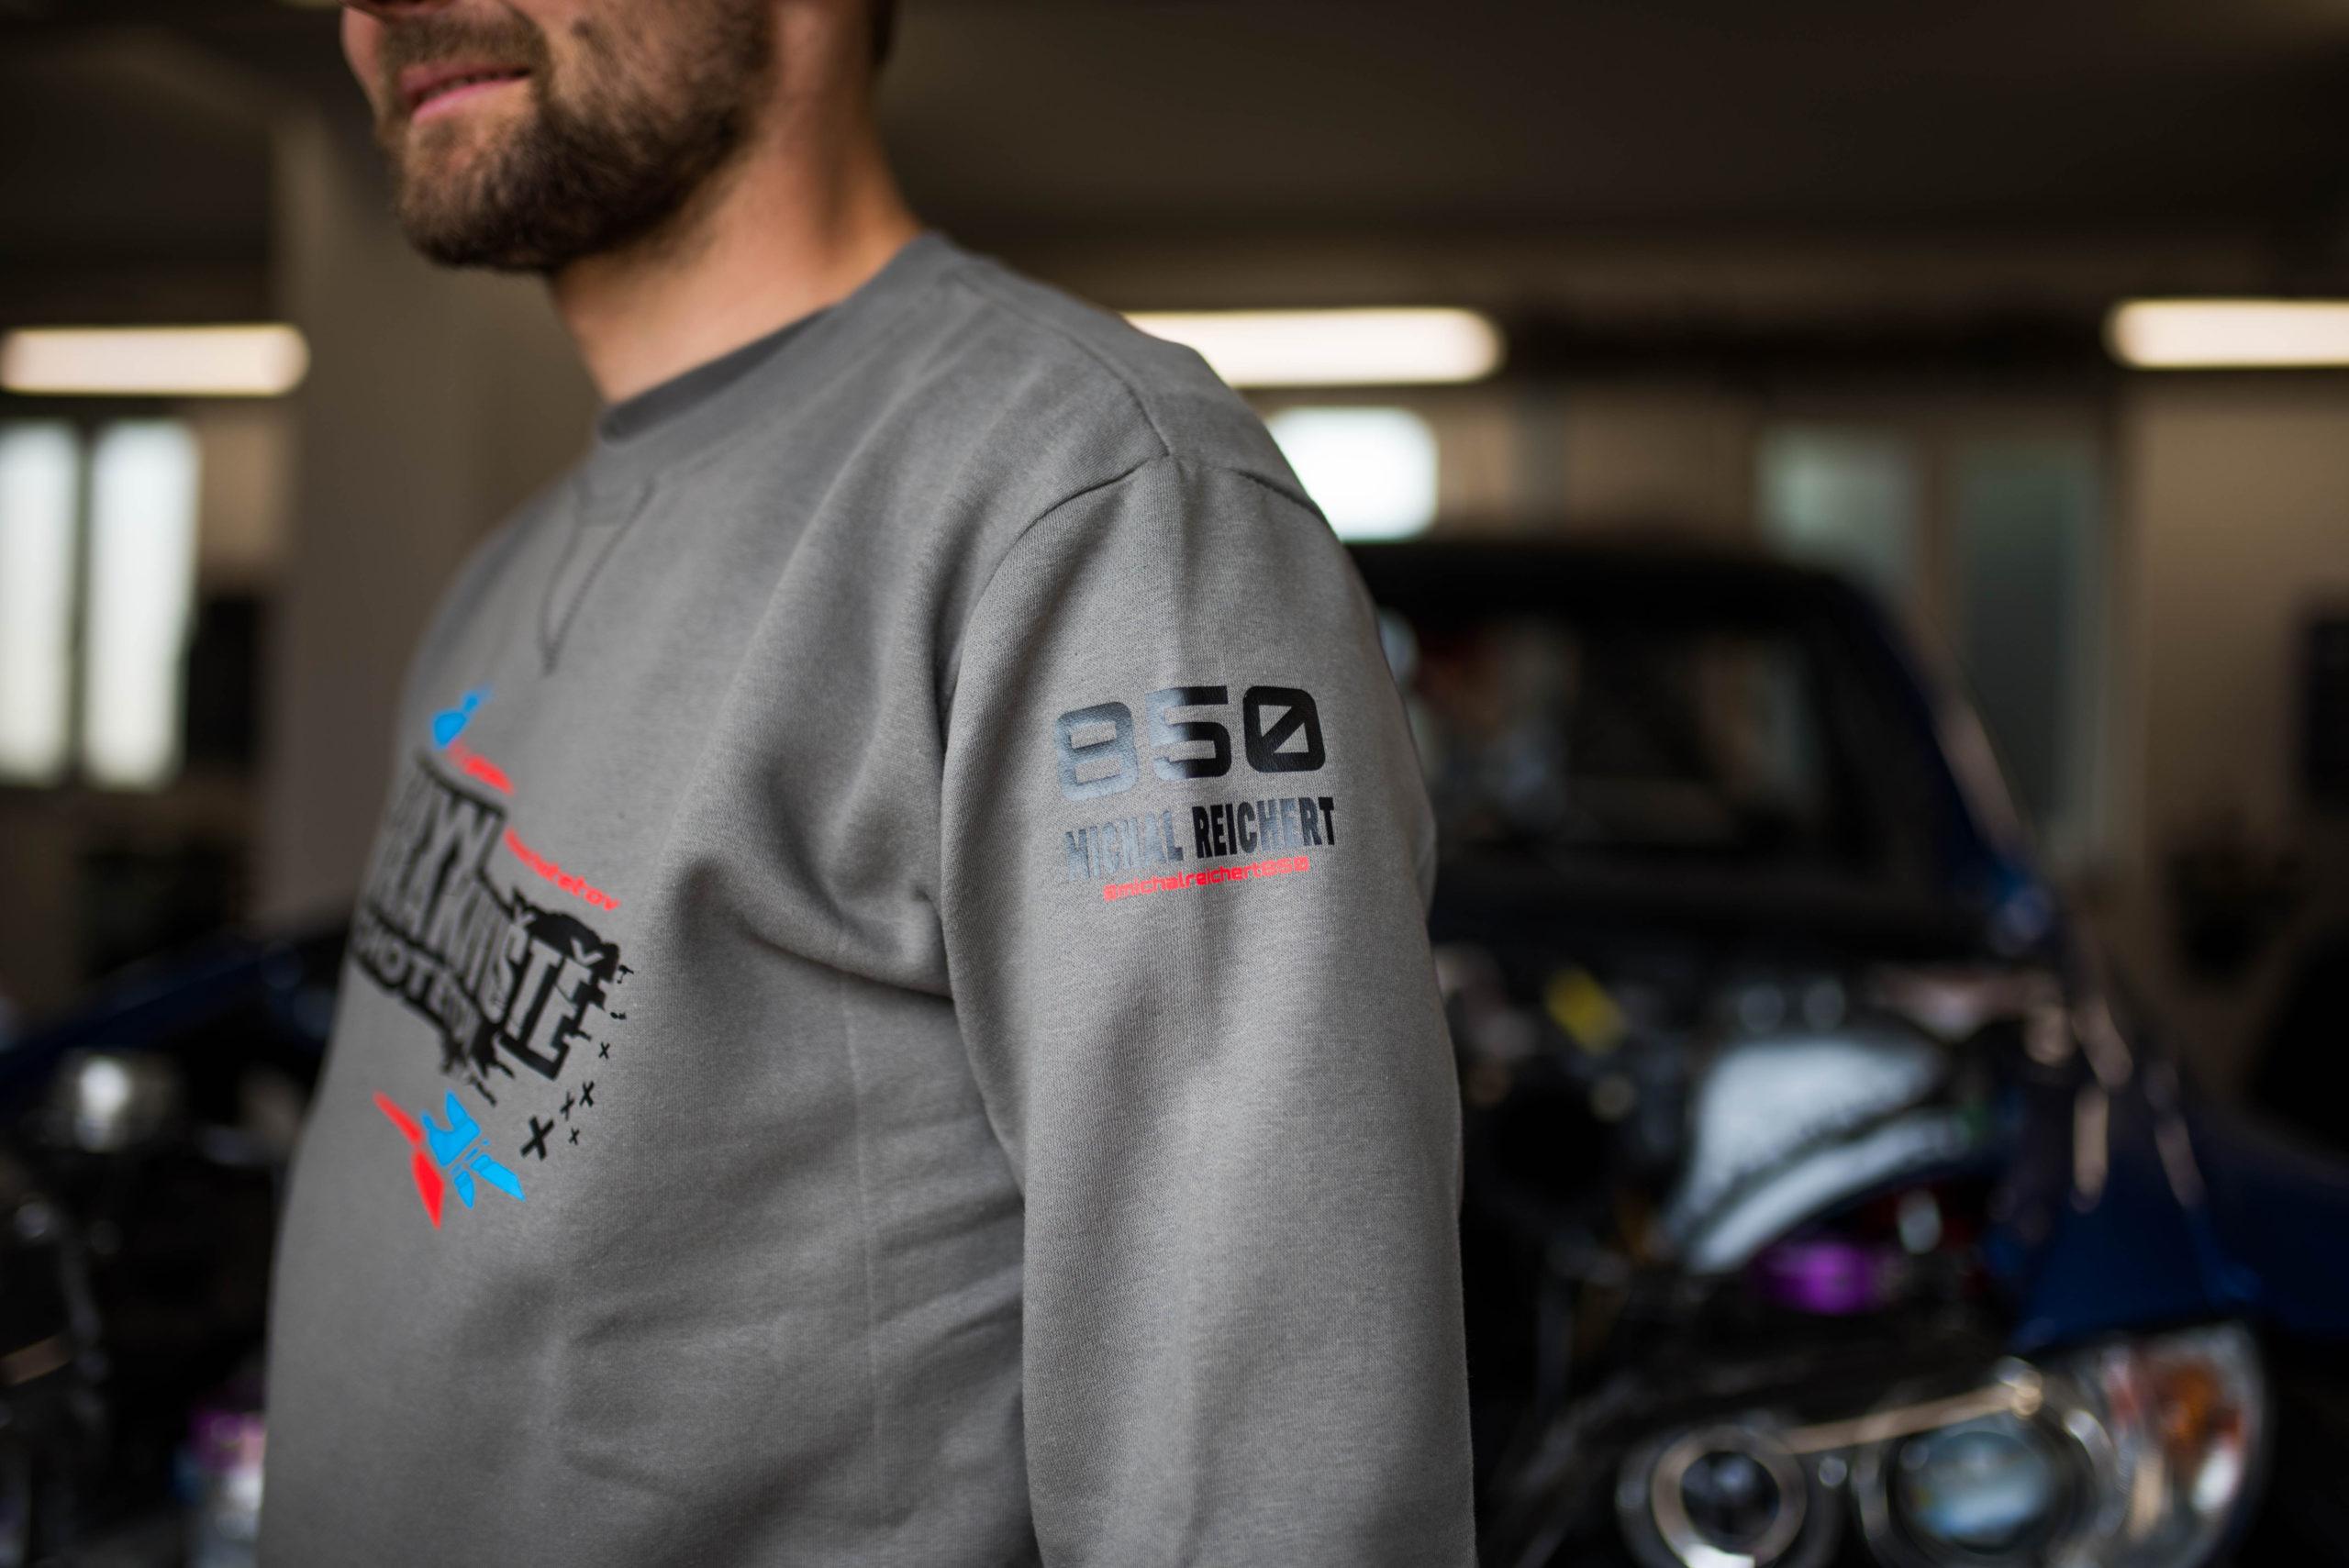 Pánská mikina BMW VRAKOVIŠTĚ CHOTĚTOV 850 Michal Reichert šedá